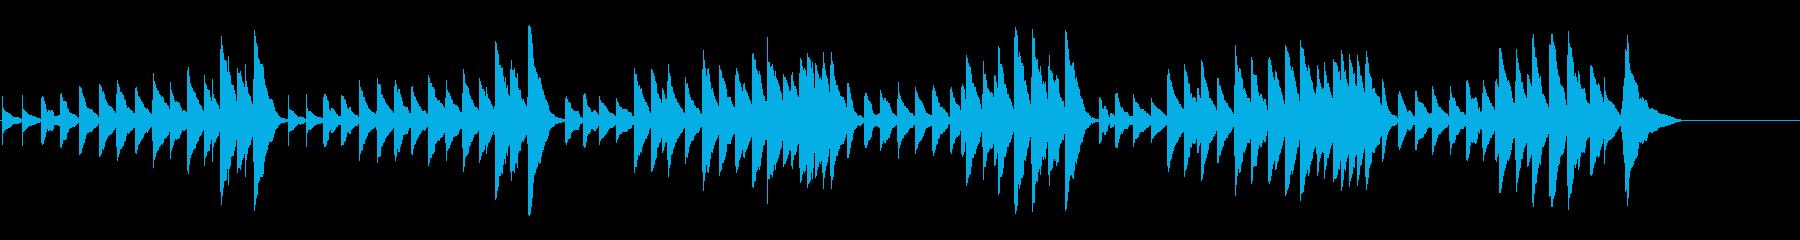 キラキラ星変奏曲(Var Ⅸ)オルゴールの再生済みの波形